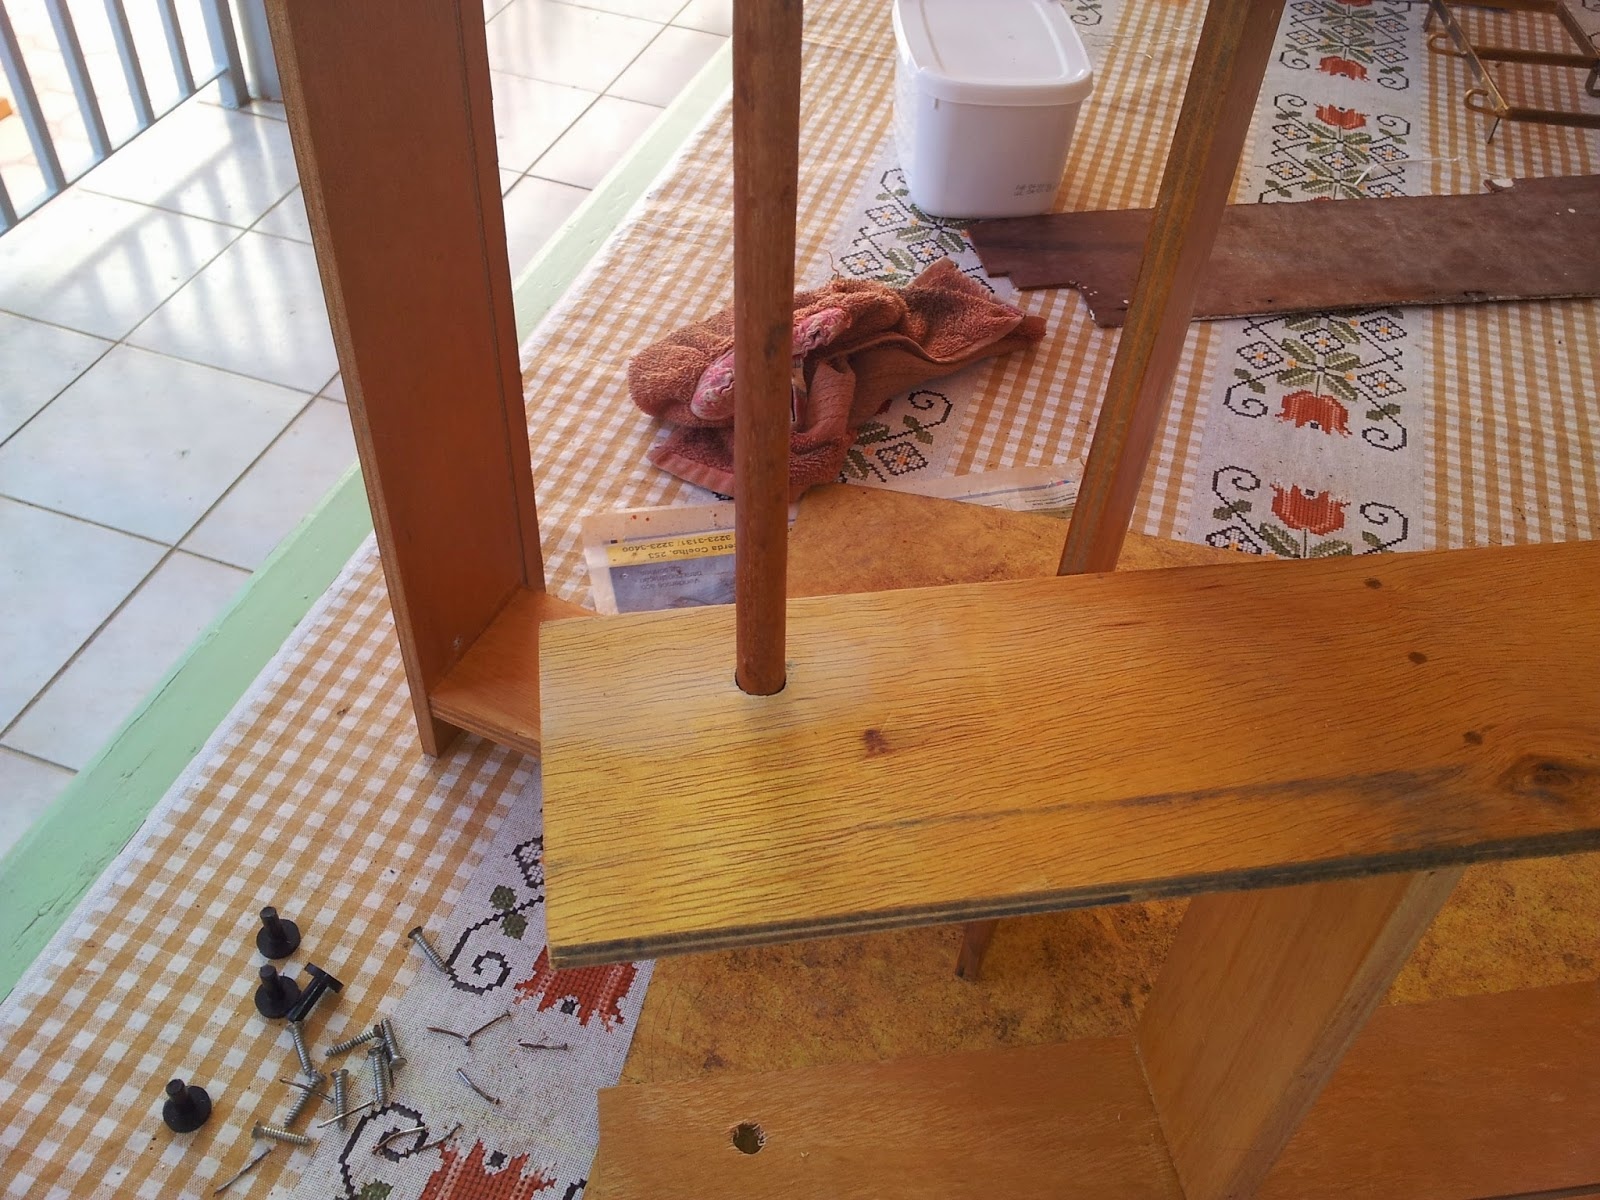 de chão que faria as vezes de pendurador de toalhas #794123 1600x1200